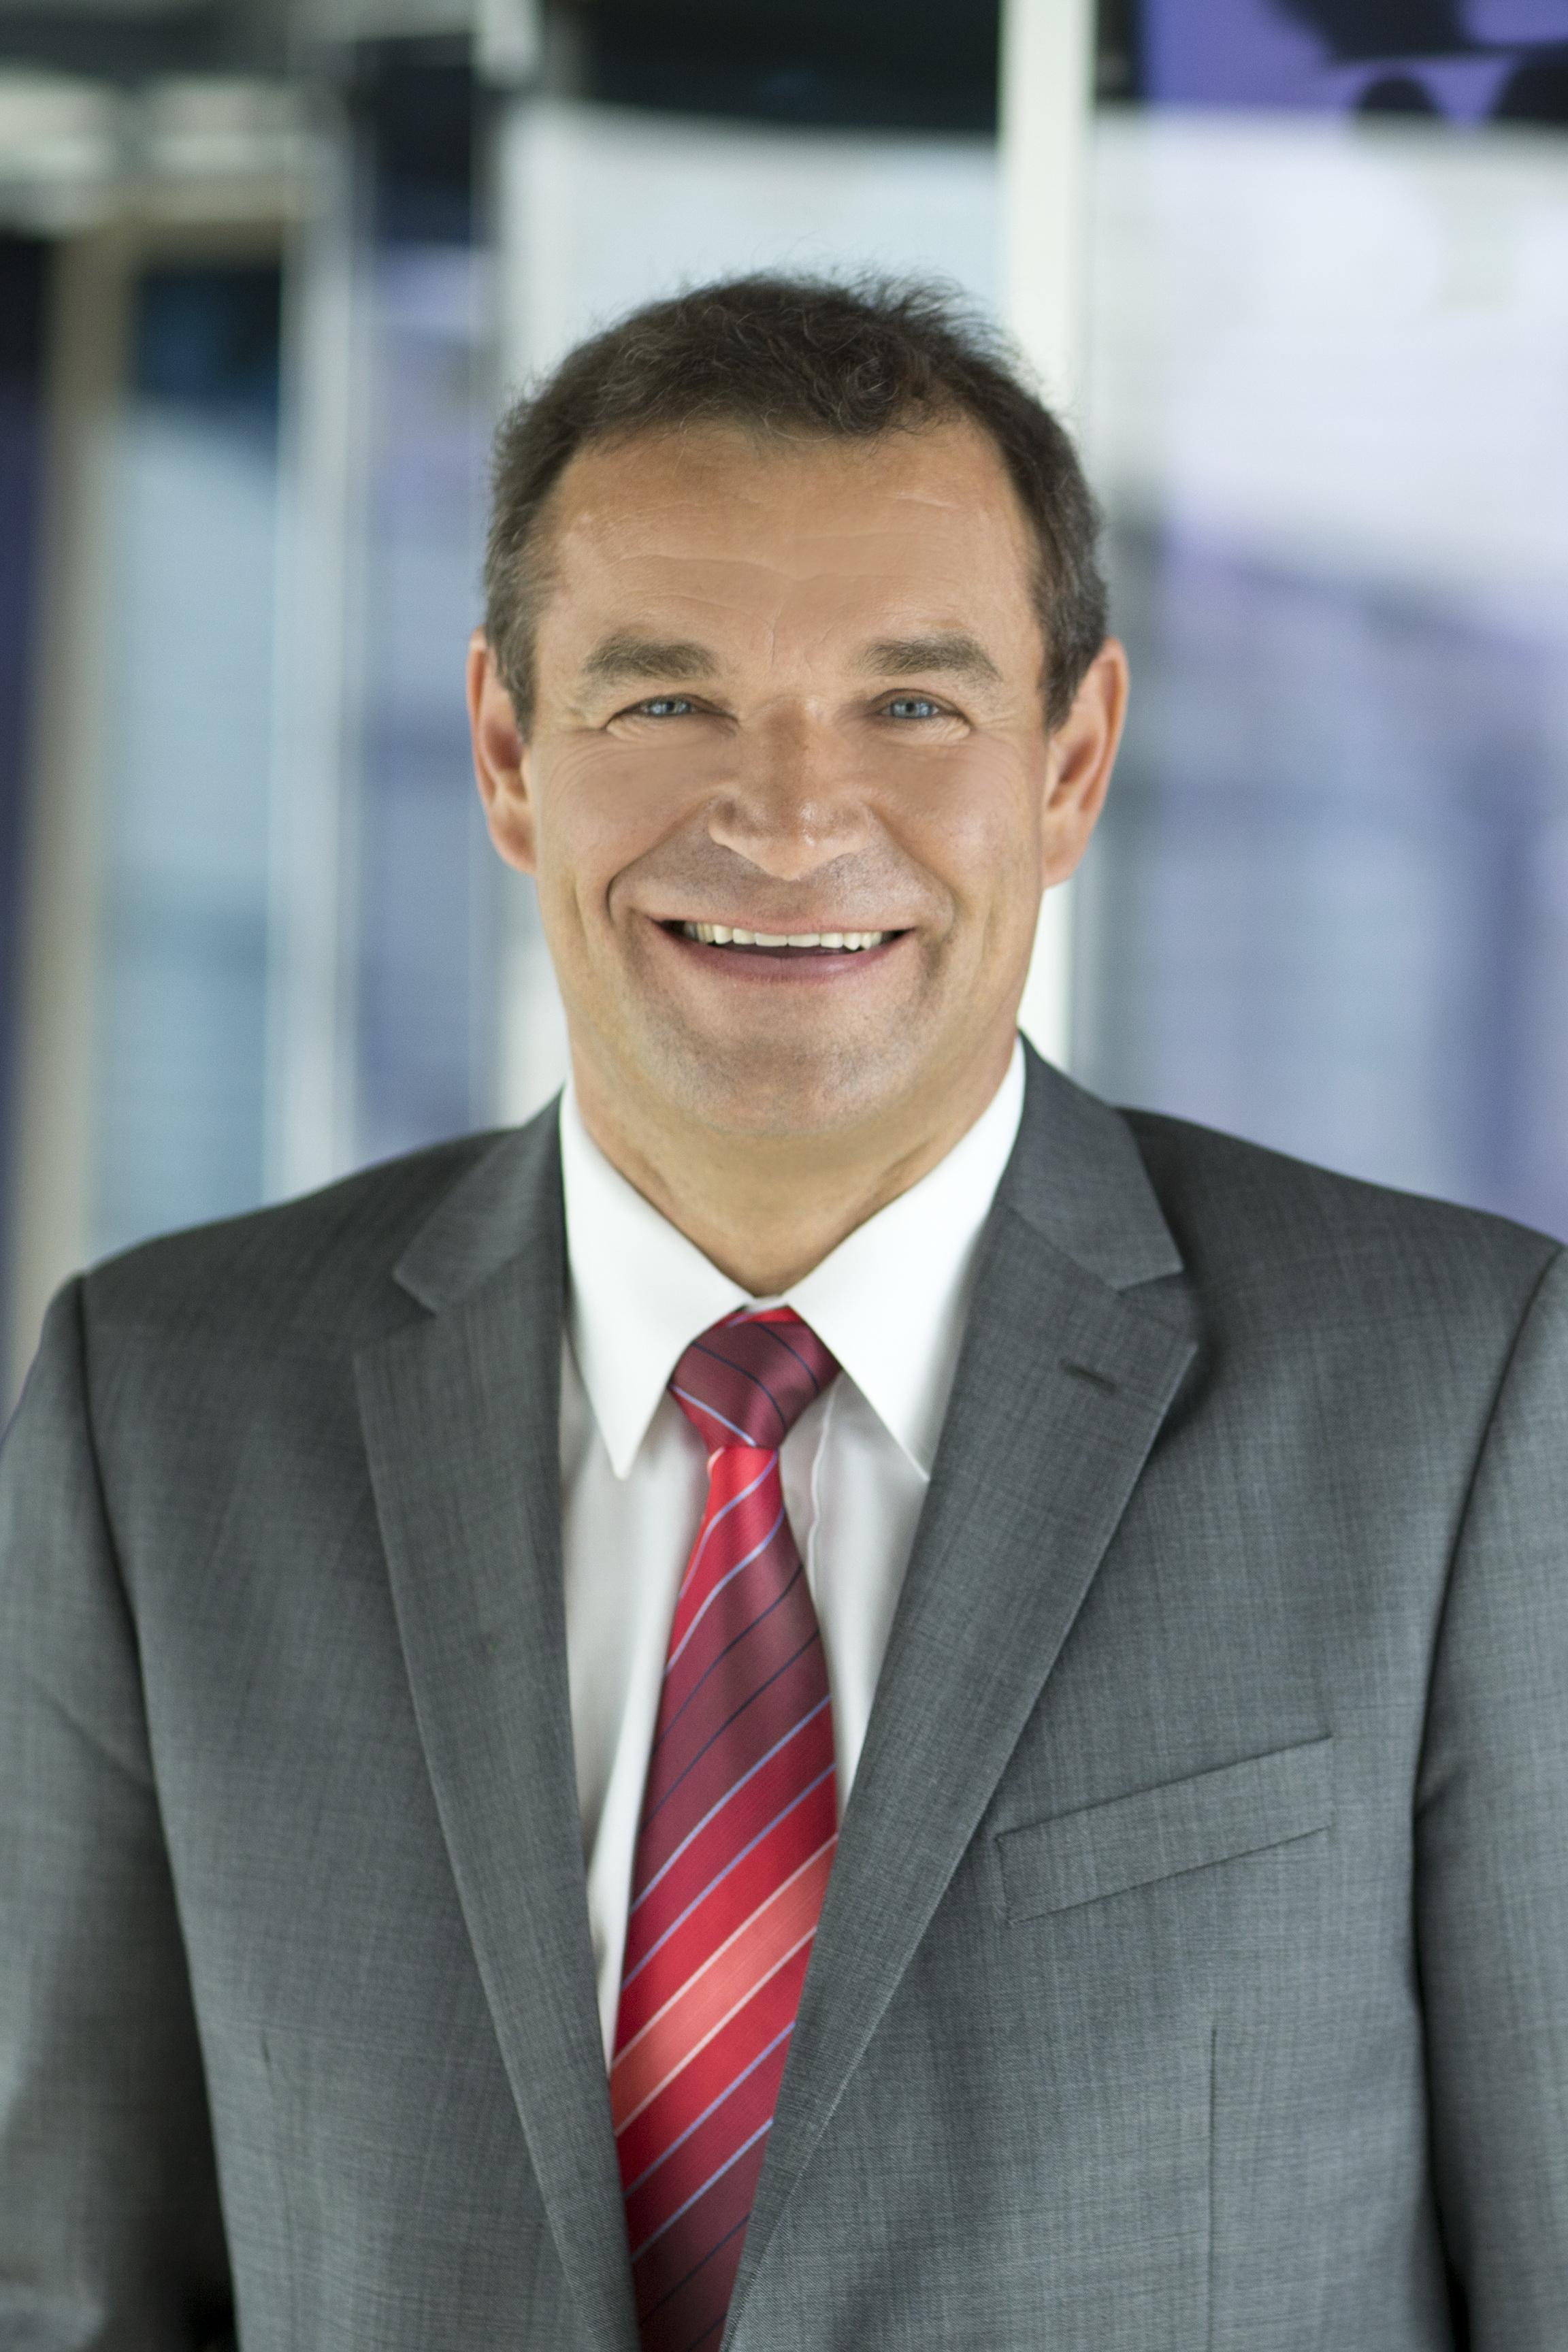 Robert Kanduth